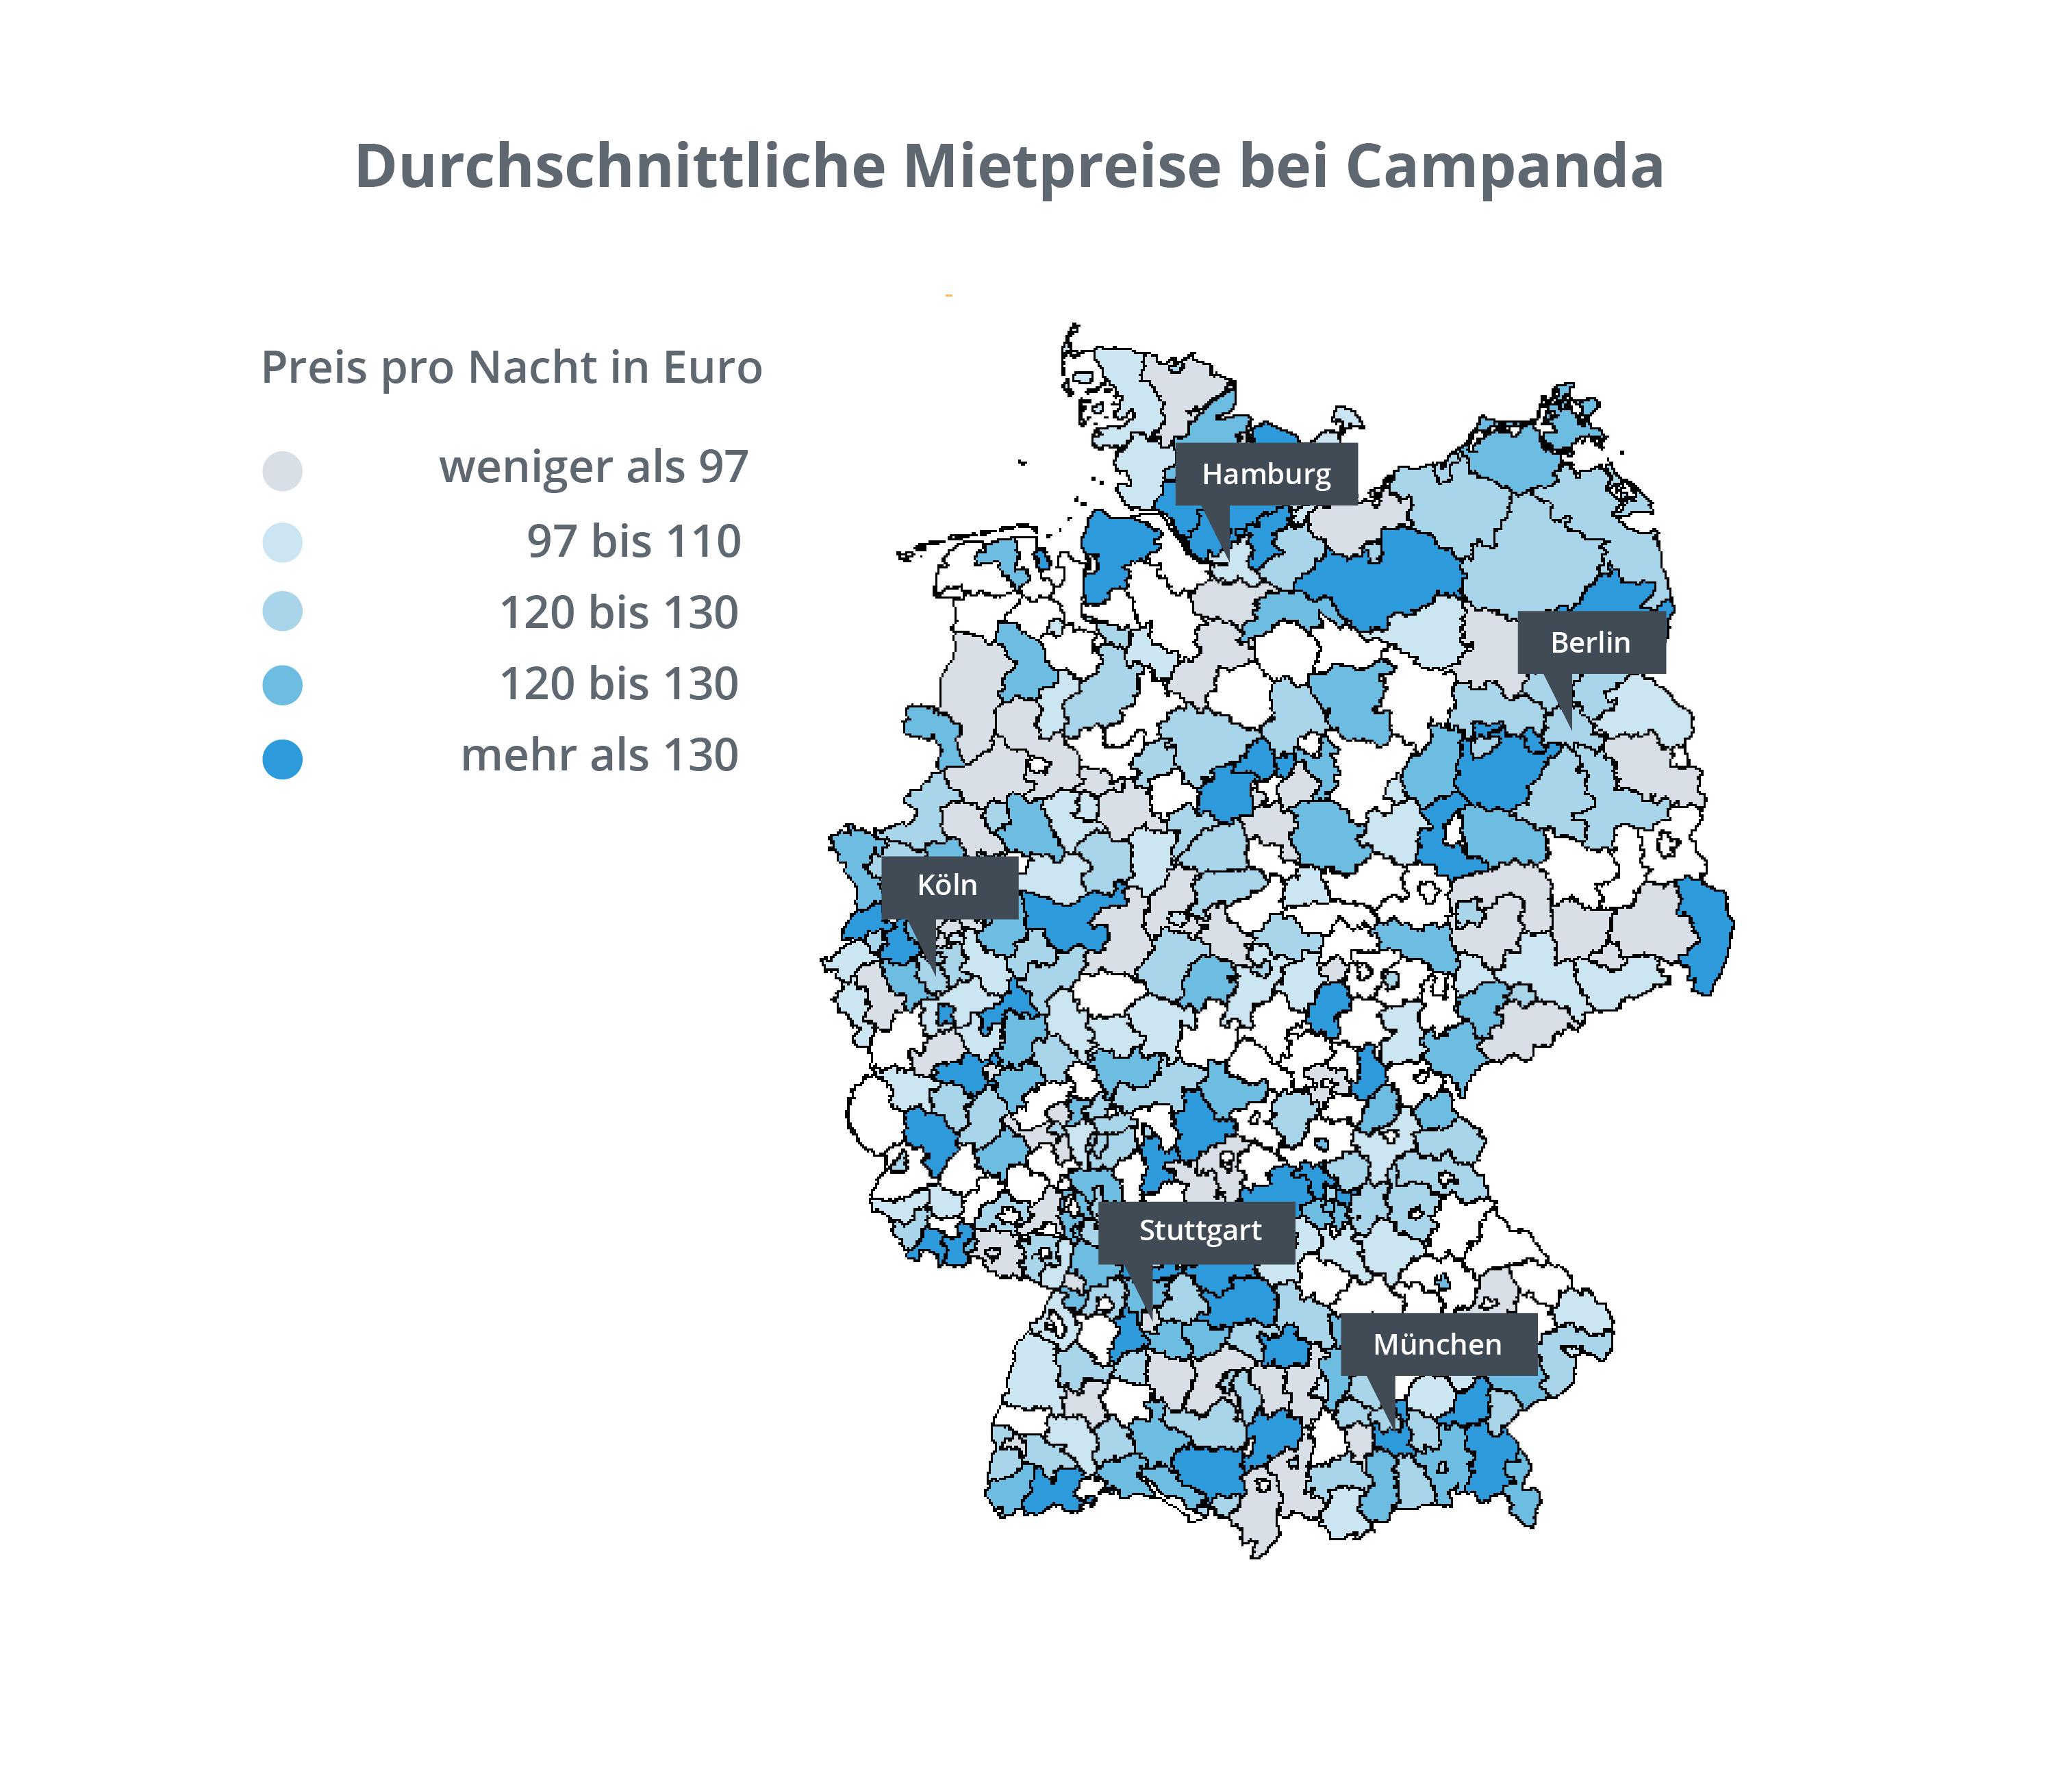 Abbildung 5.2: Karte - Mietpreise in Deutschland